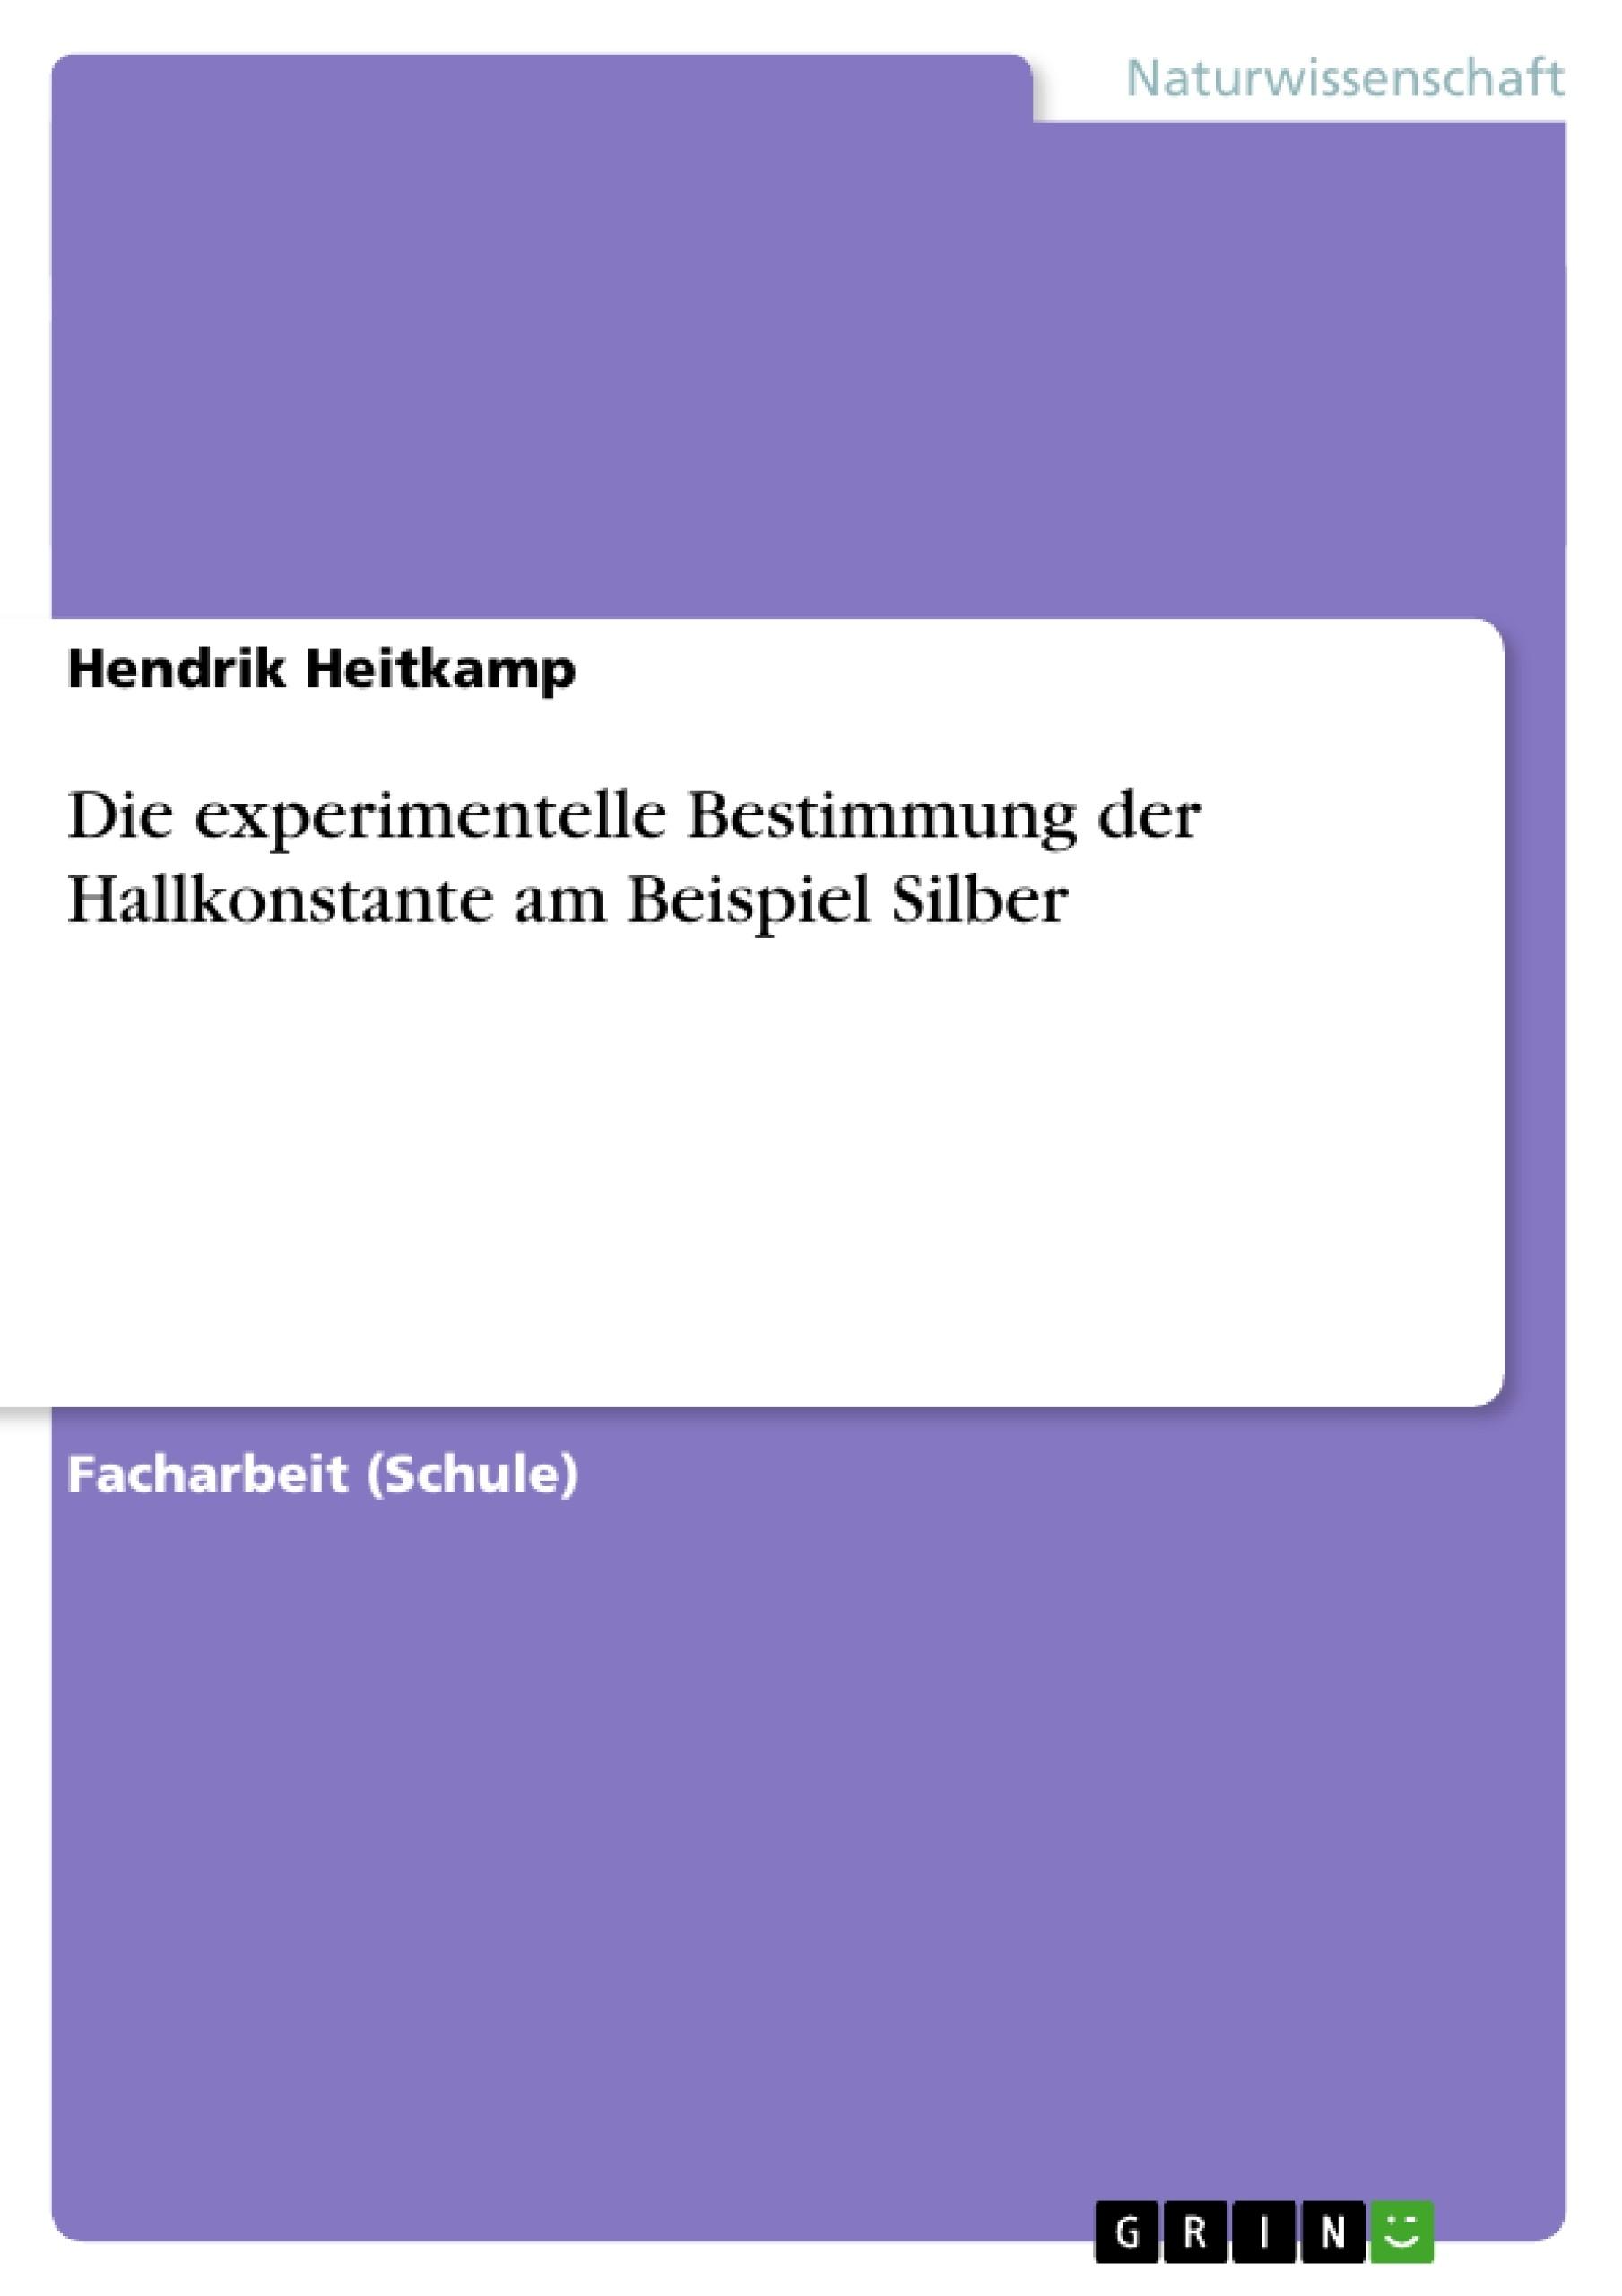 Titel: Die experimentelle Bestimmung der Hallkonstante am Beispiel Silber